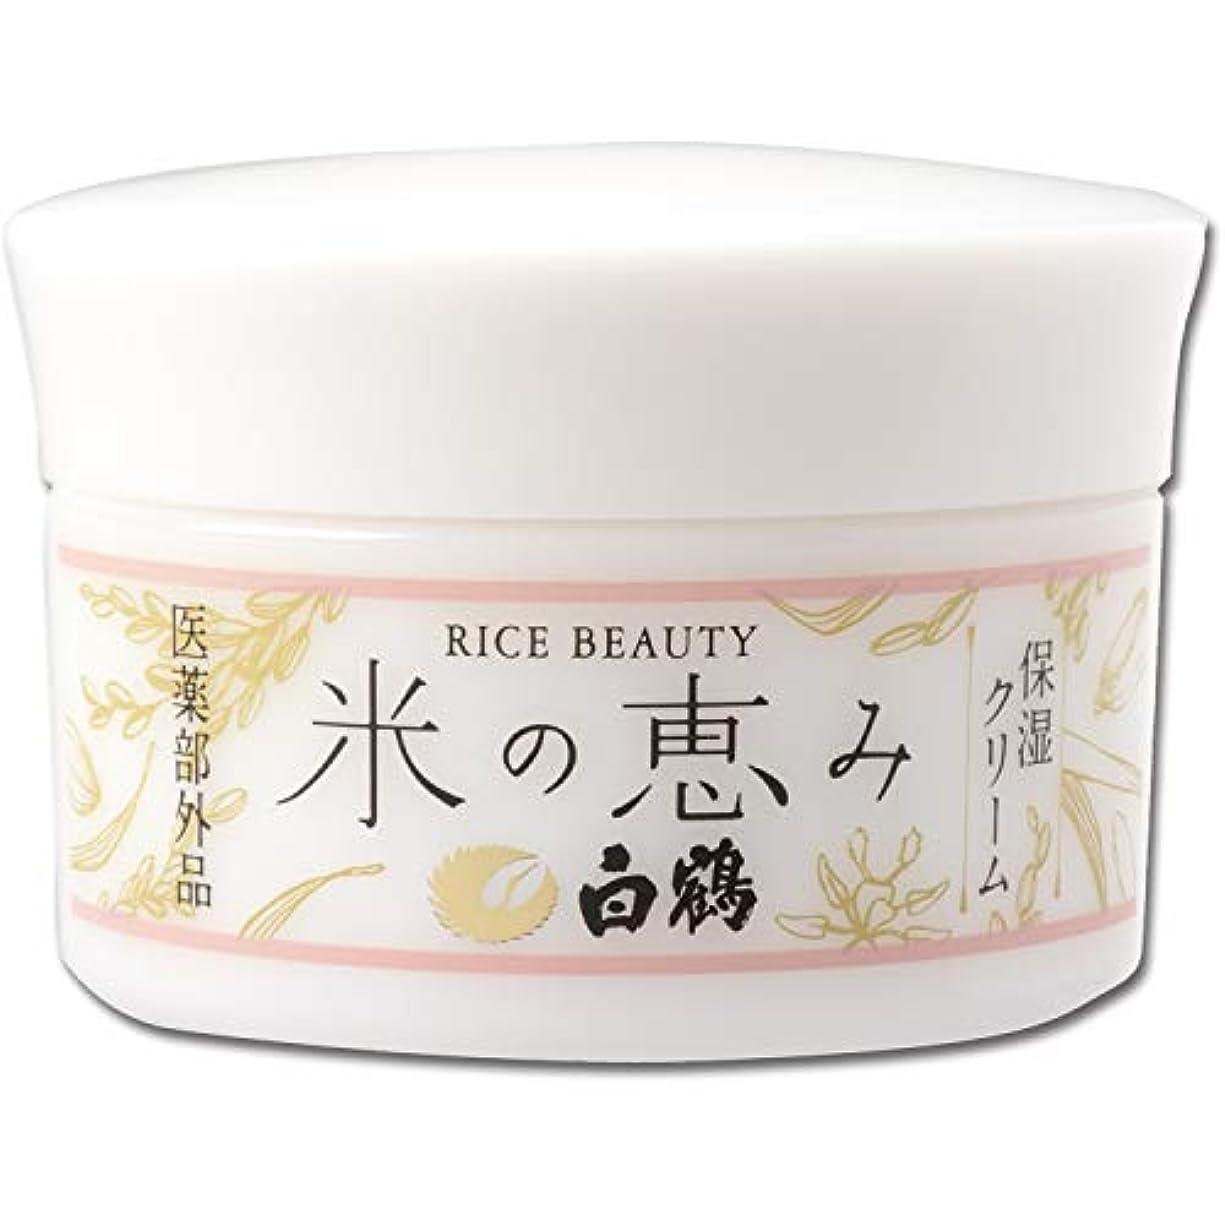 法的穿孔するクラック白鶴 ライスビューティー 米の恵み 保湿クリーム 48g (医薬部外品)